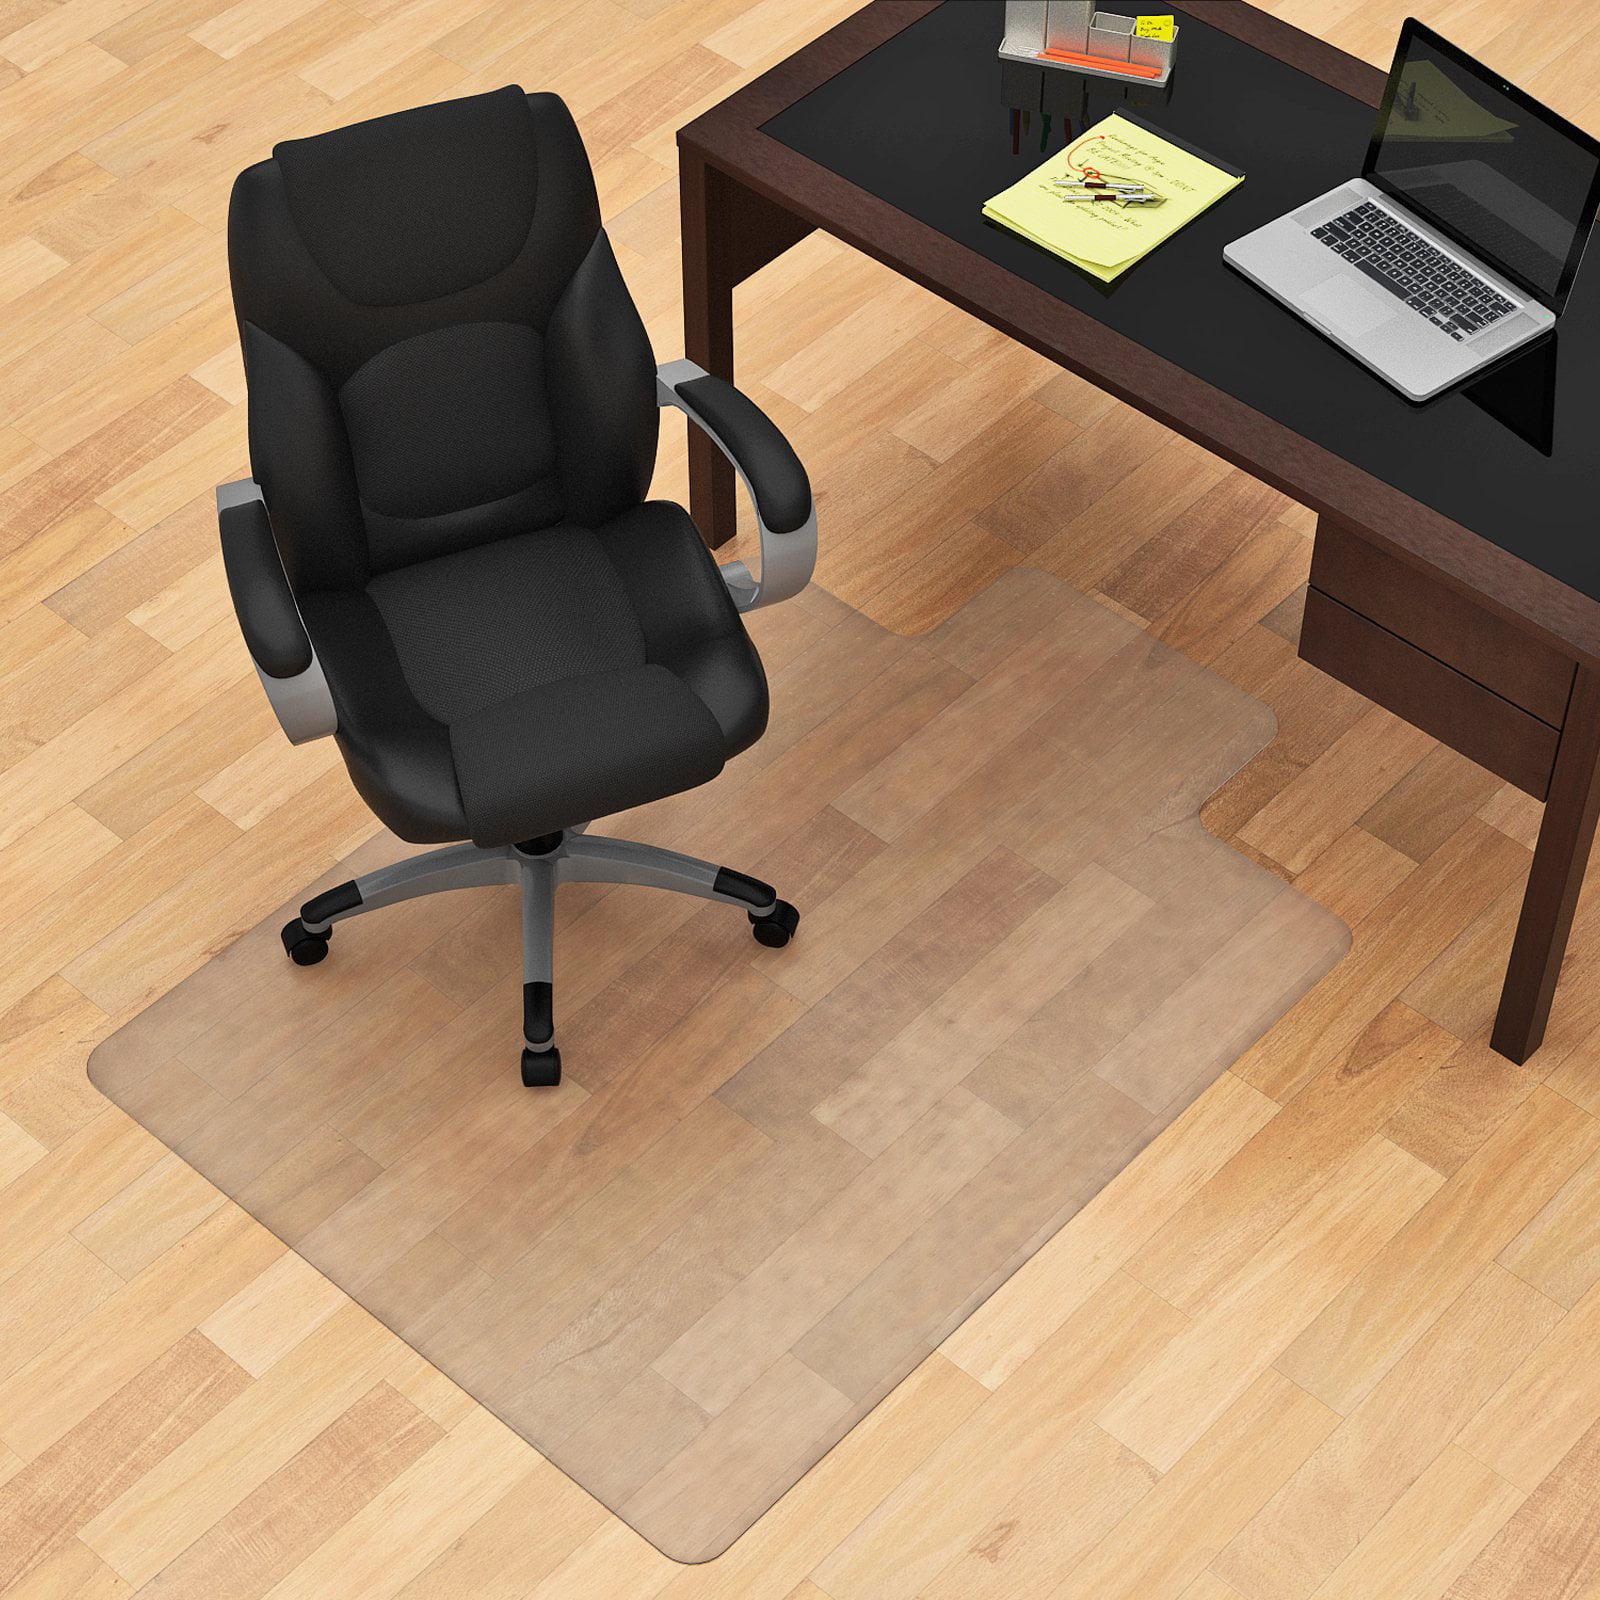 Z-Line 45x53 Hard floor Chairmat